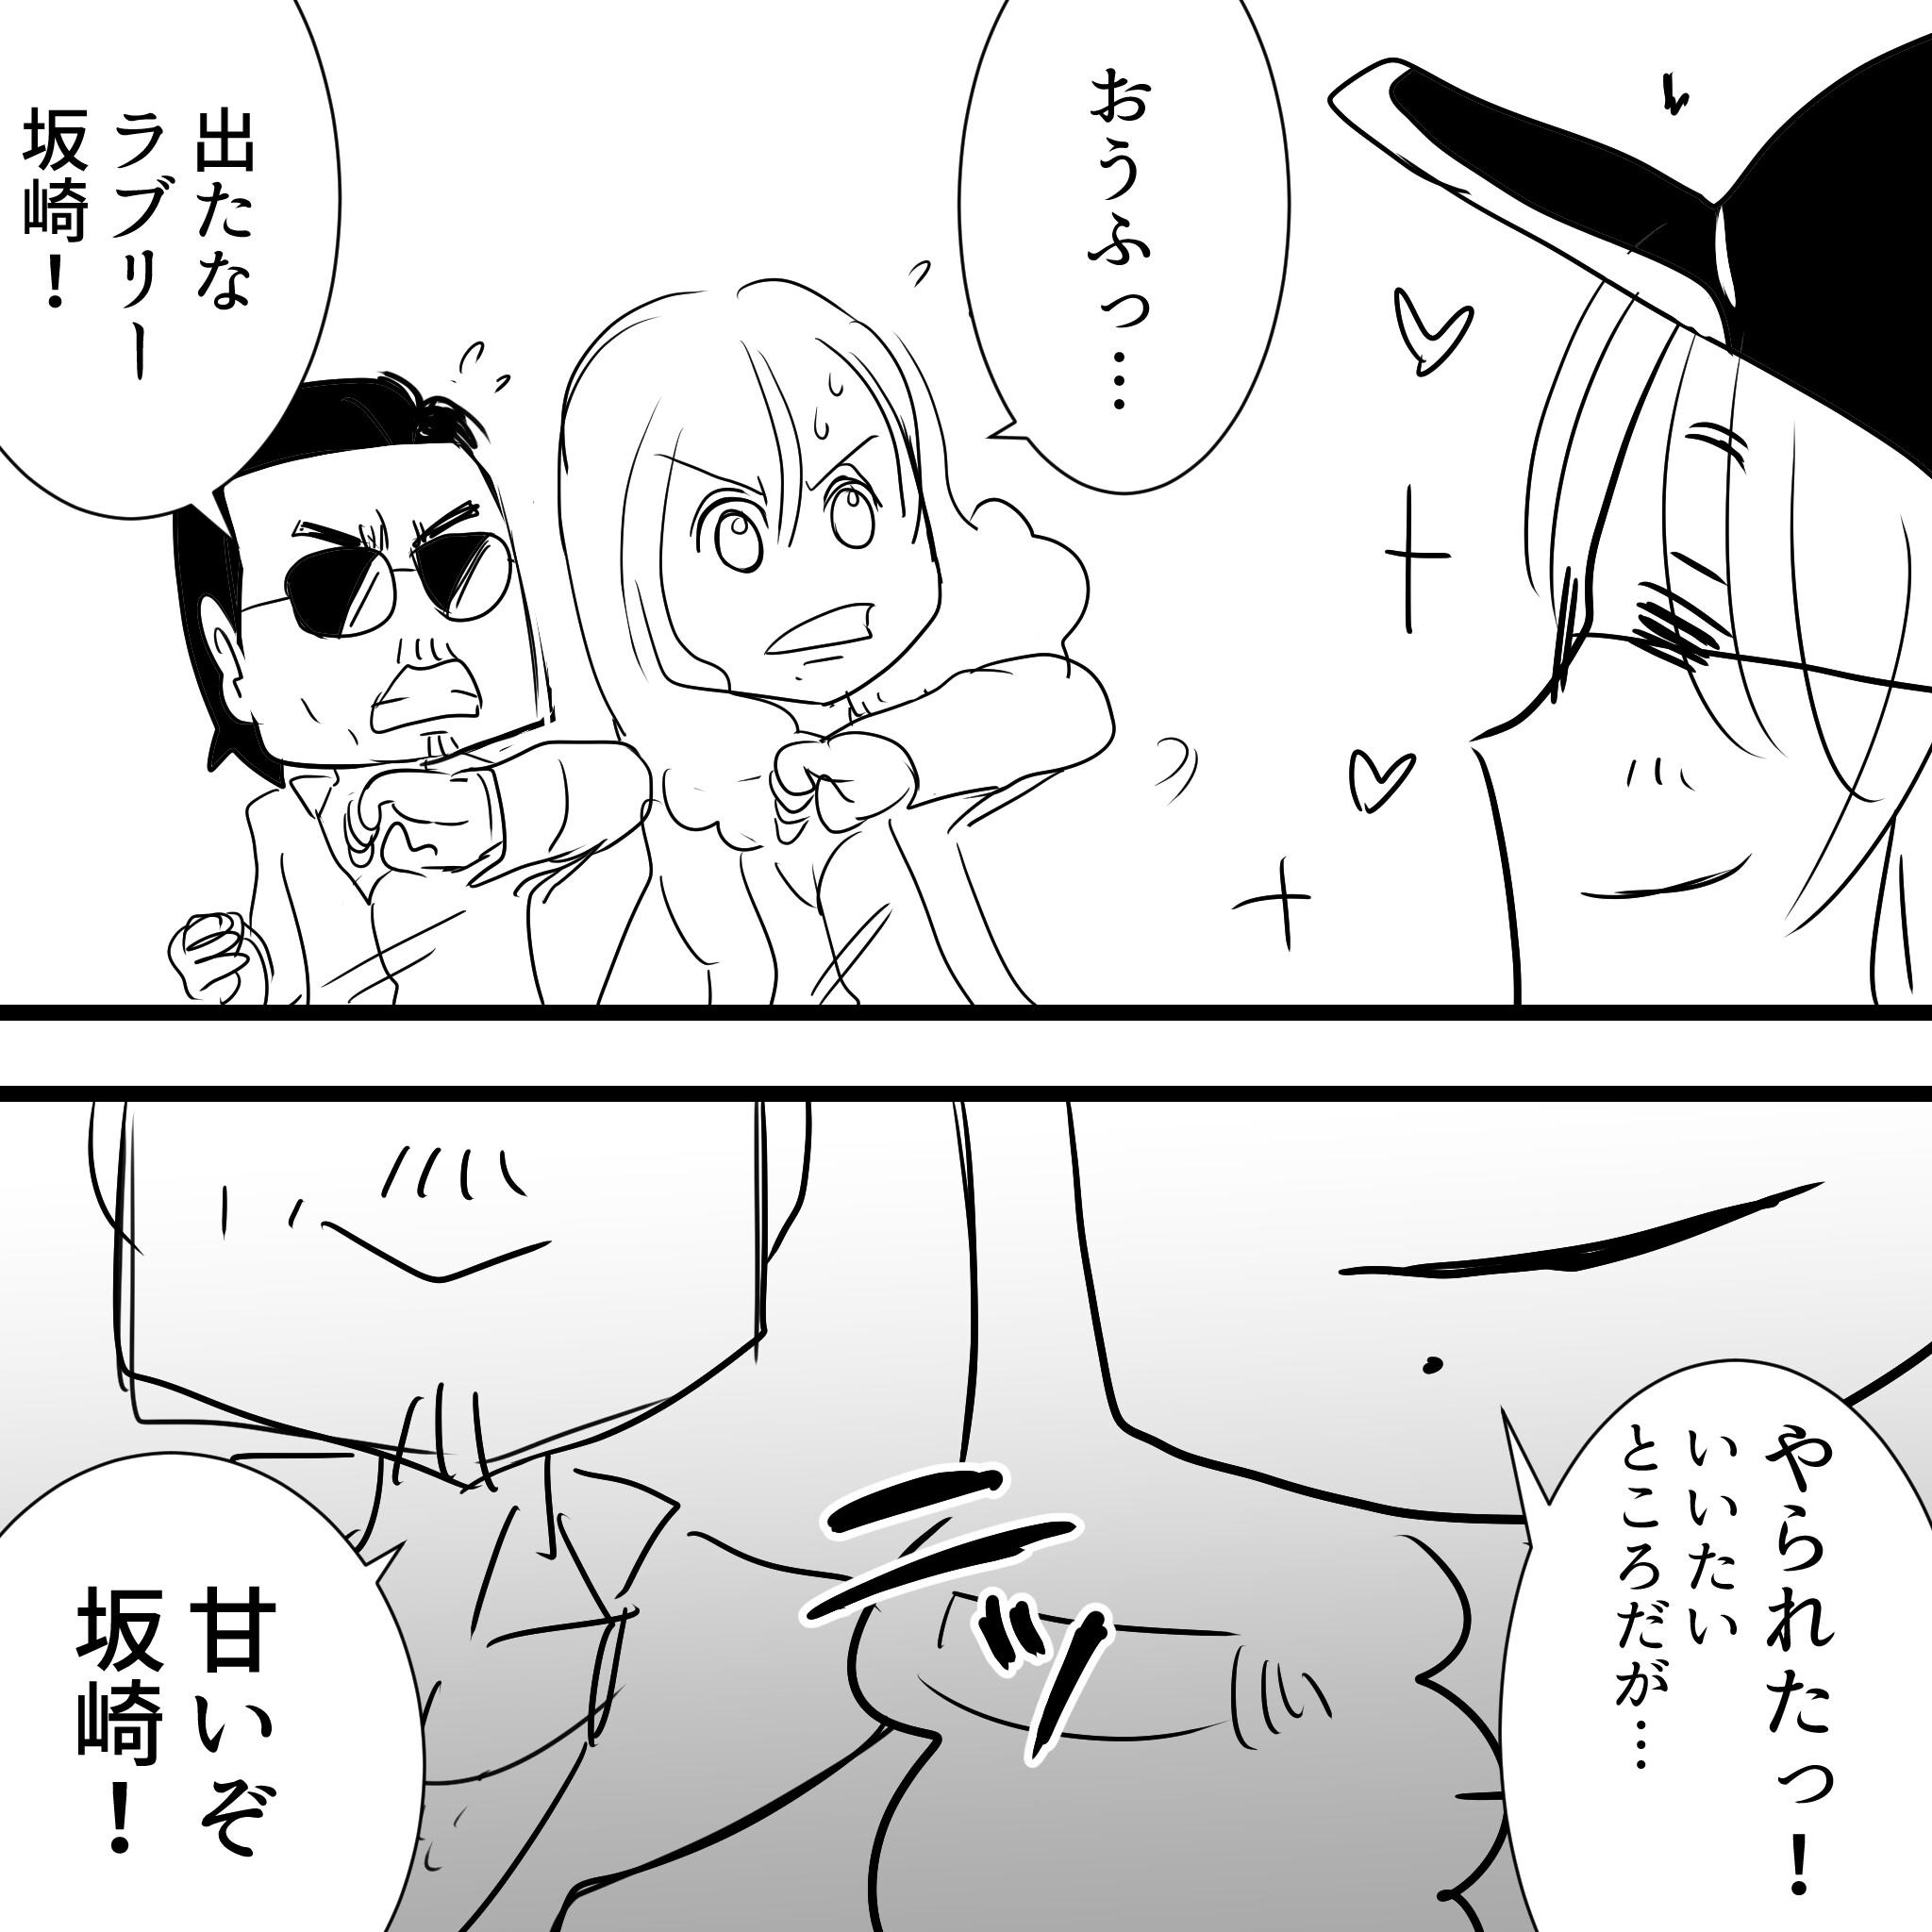 ネコ好きだろ坂崎5